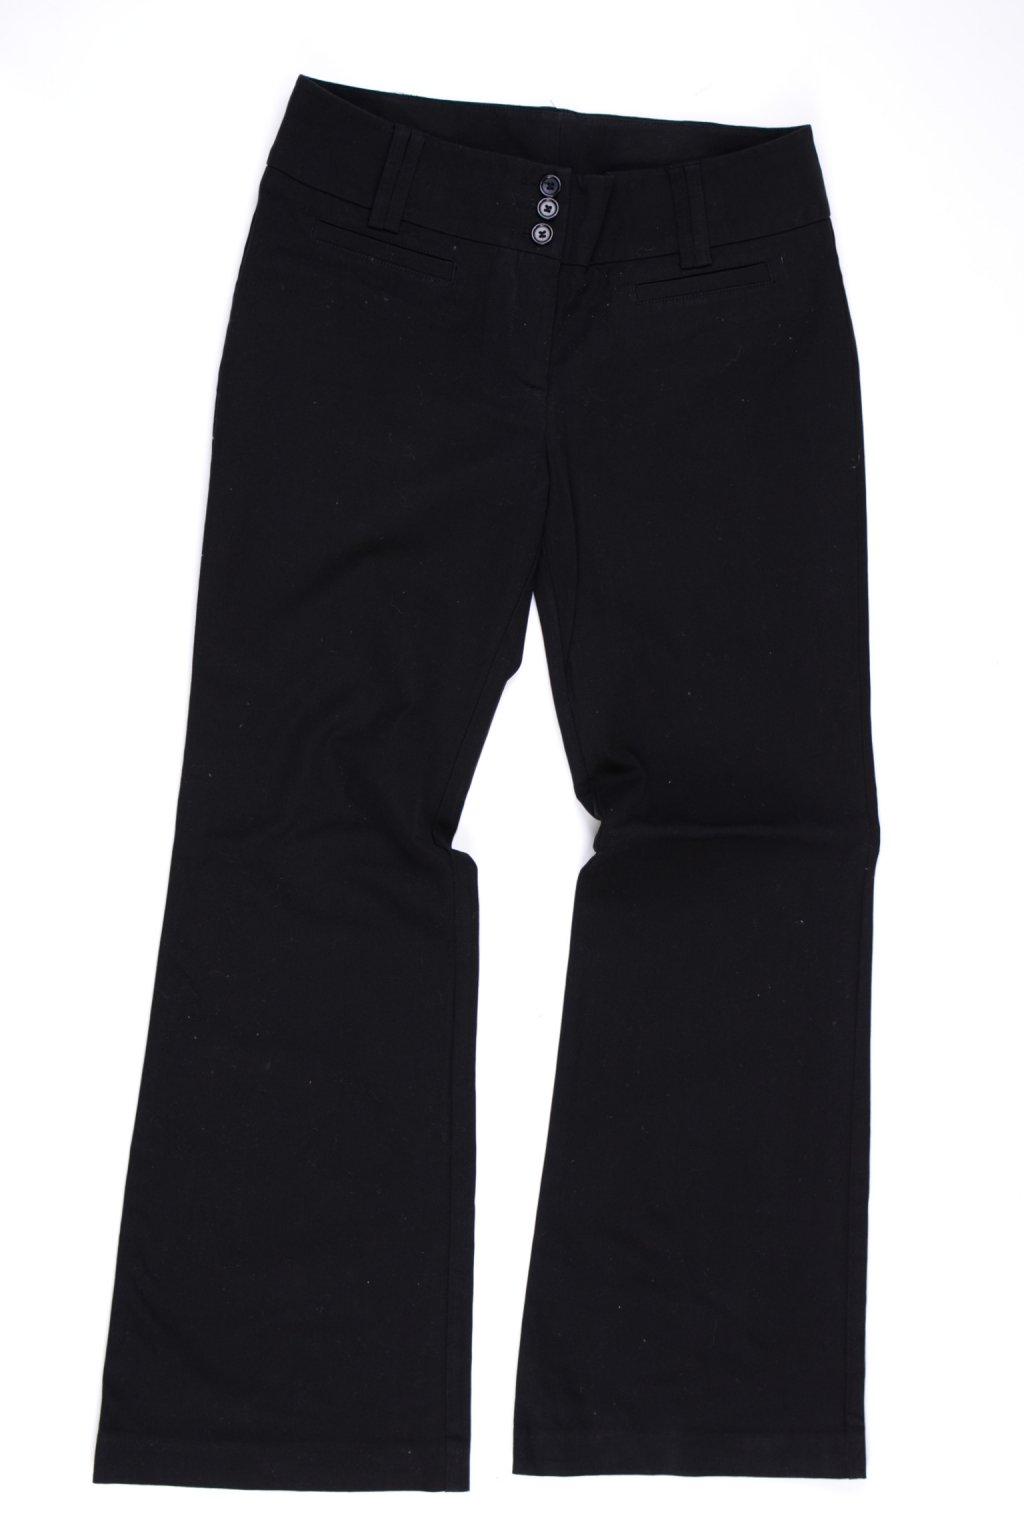 Kalhoty Next černé vel M 40-42/UK12 @